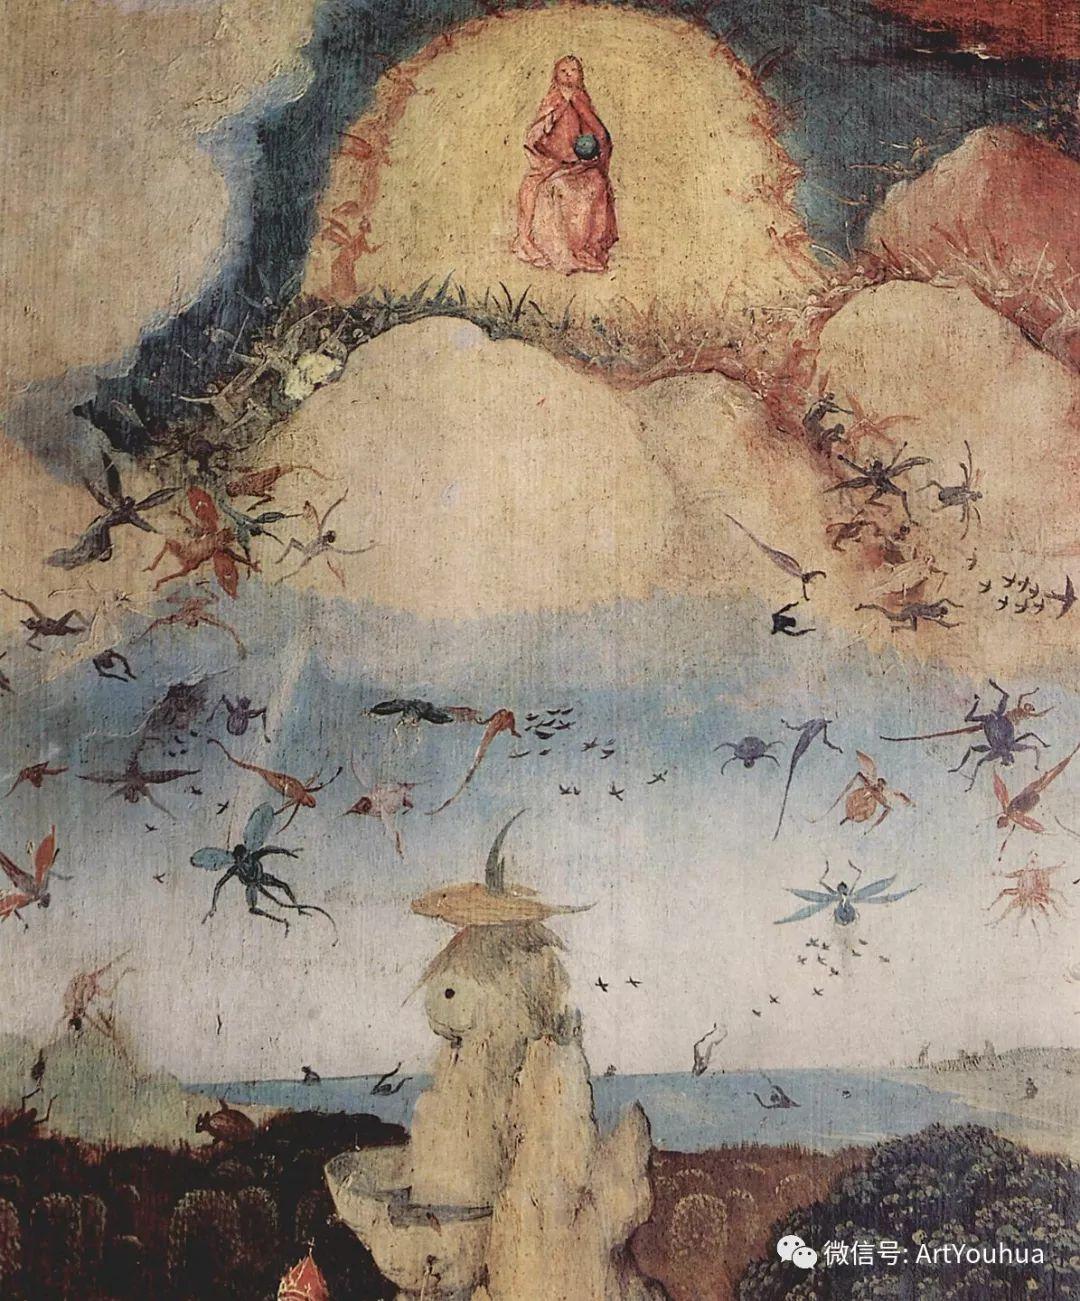 连载No.3 一生要知道的100位世界著名画家之希罗尼穆斯·波希插图64